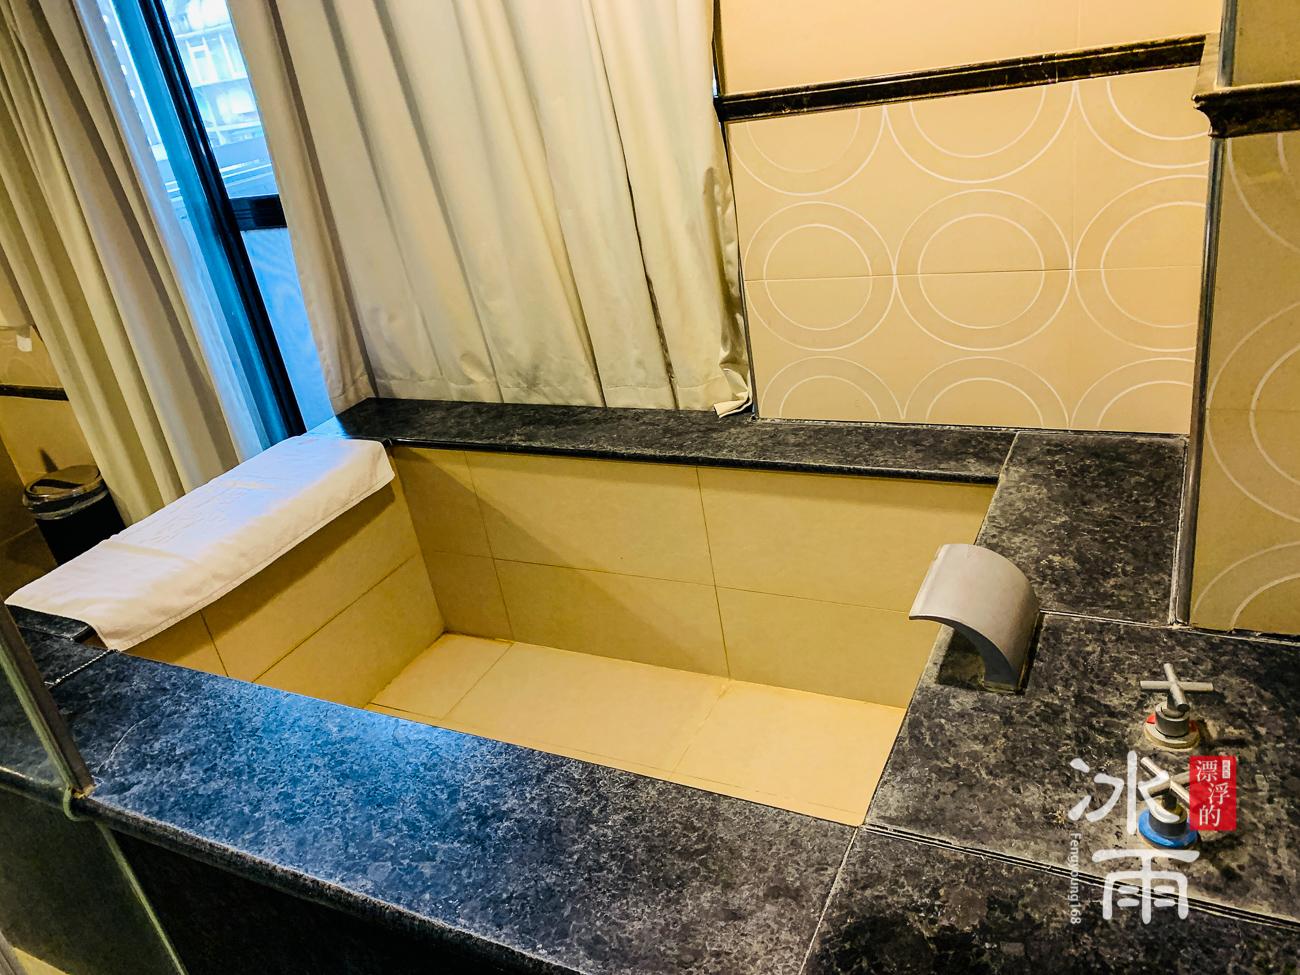 川湯春天溫泉飯店德陽館 室內浴池